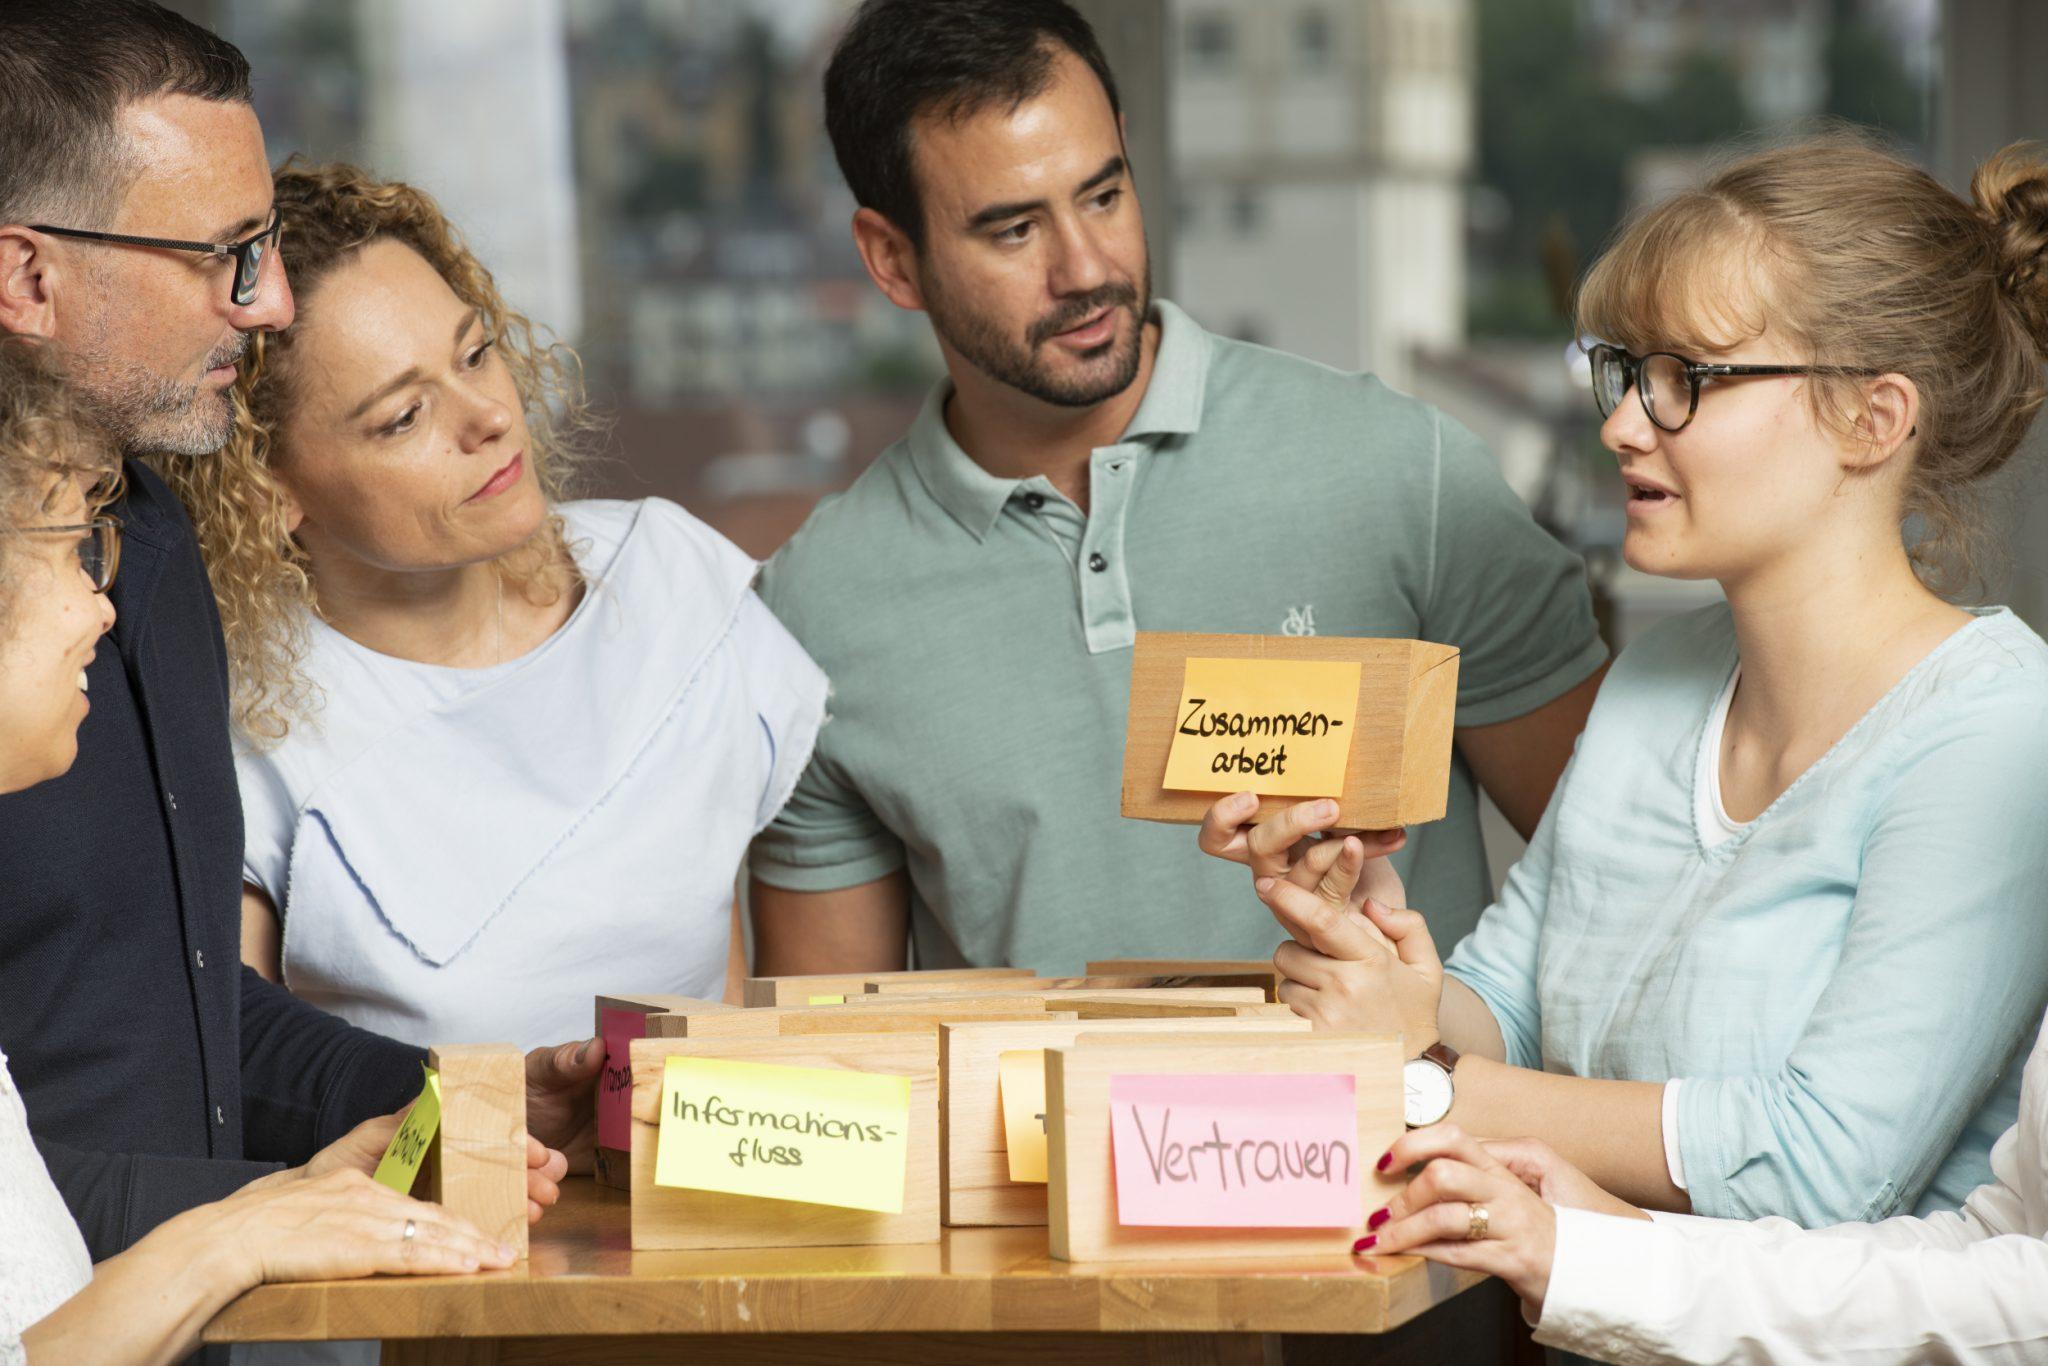 Kommunikation durch systematische Teamarbeit